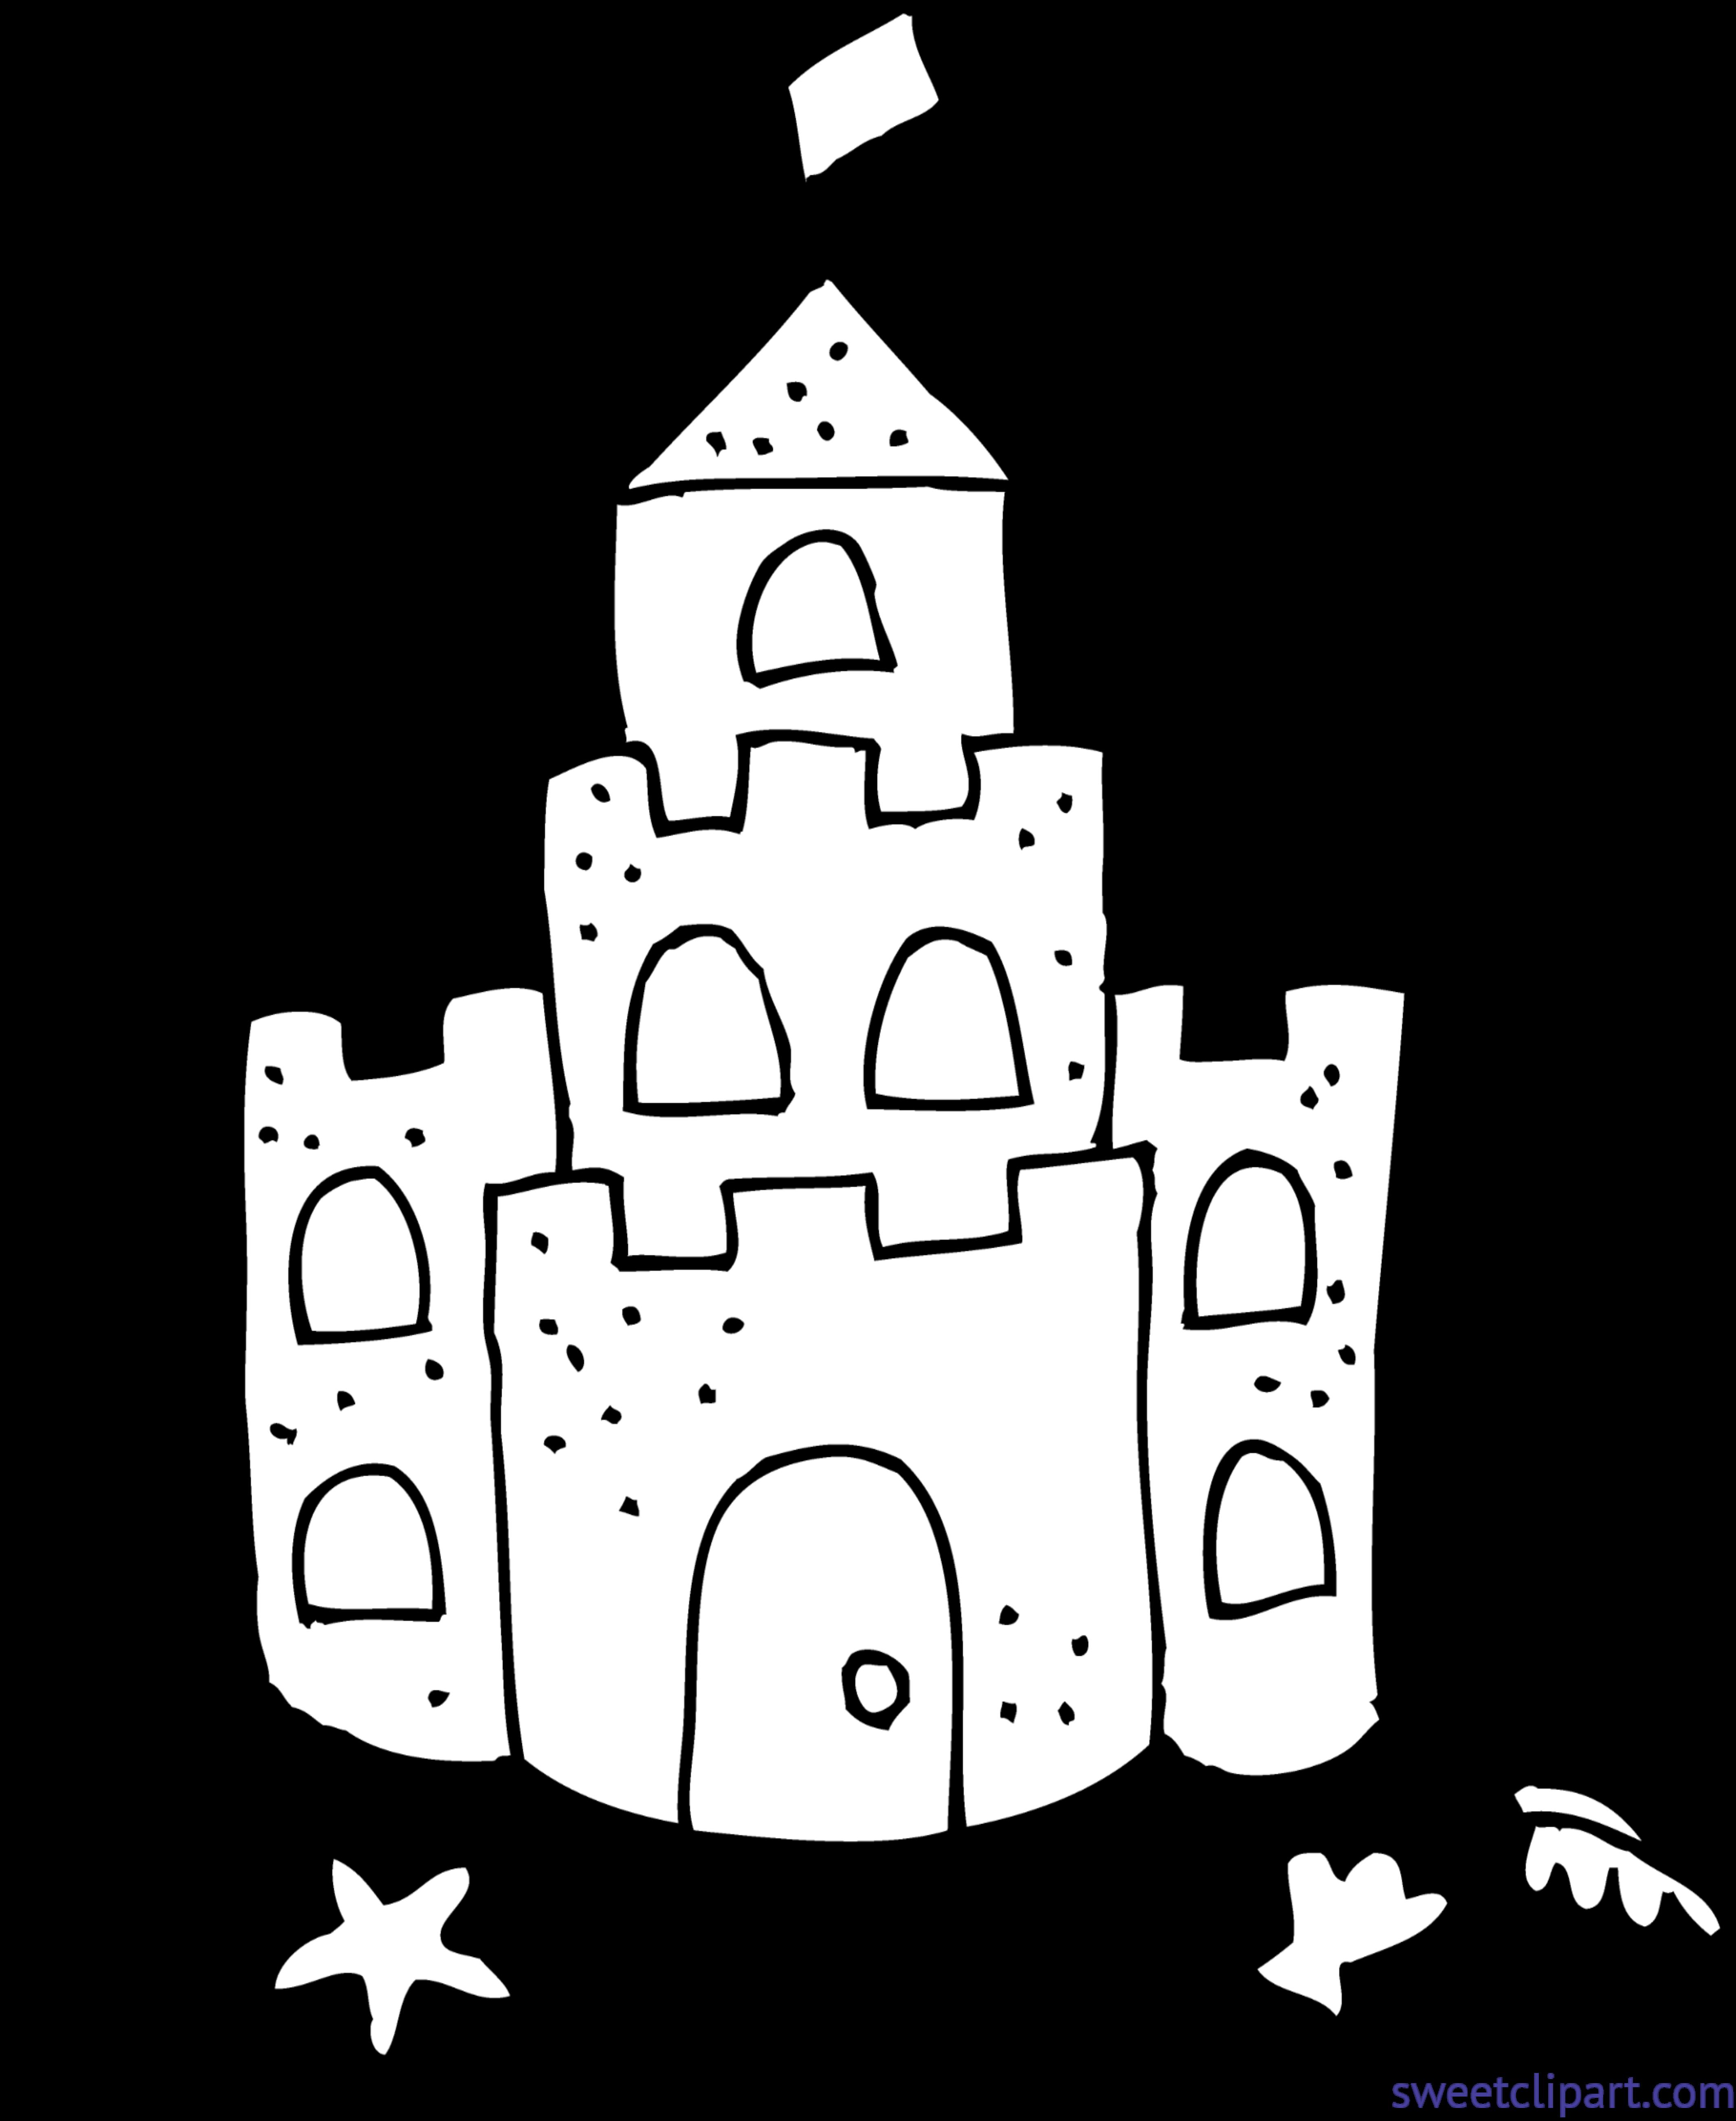 Sand Castle Coloring Page Clip Art - Sweet Clip Art